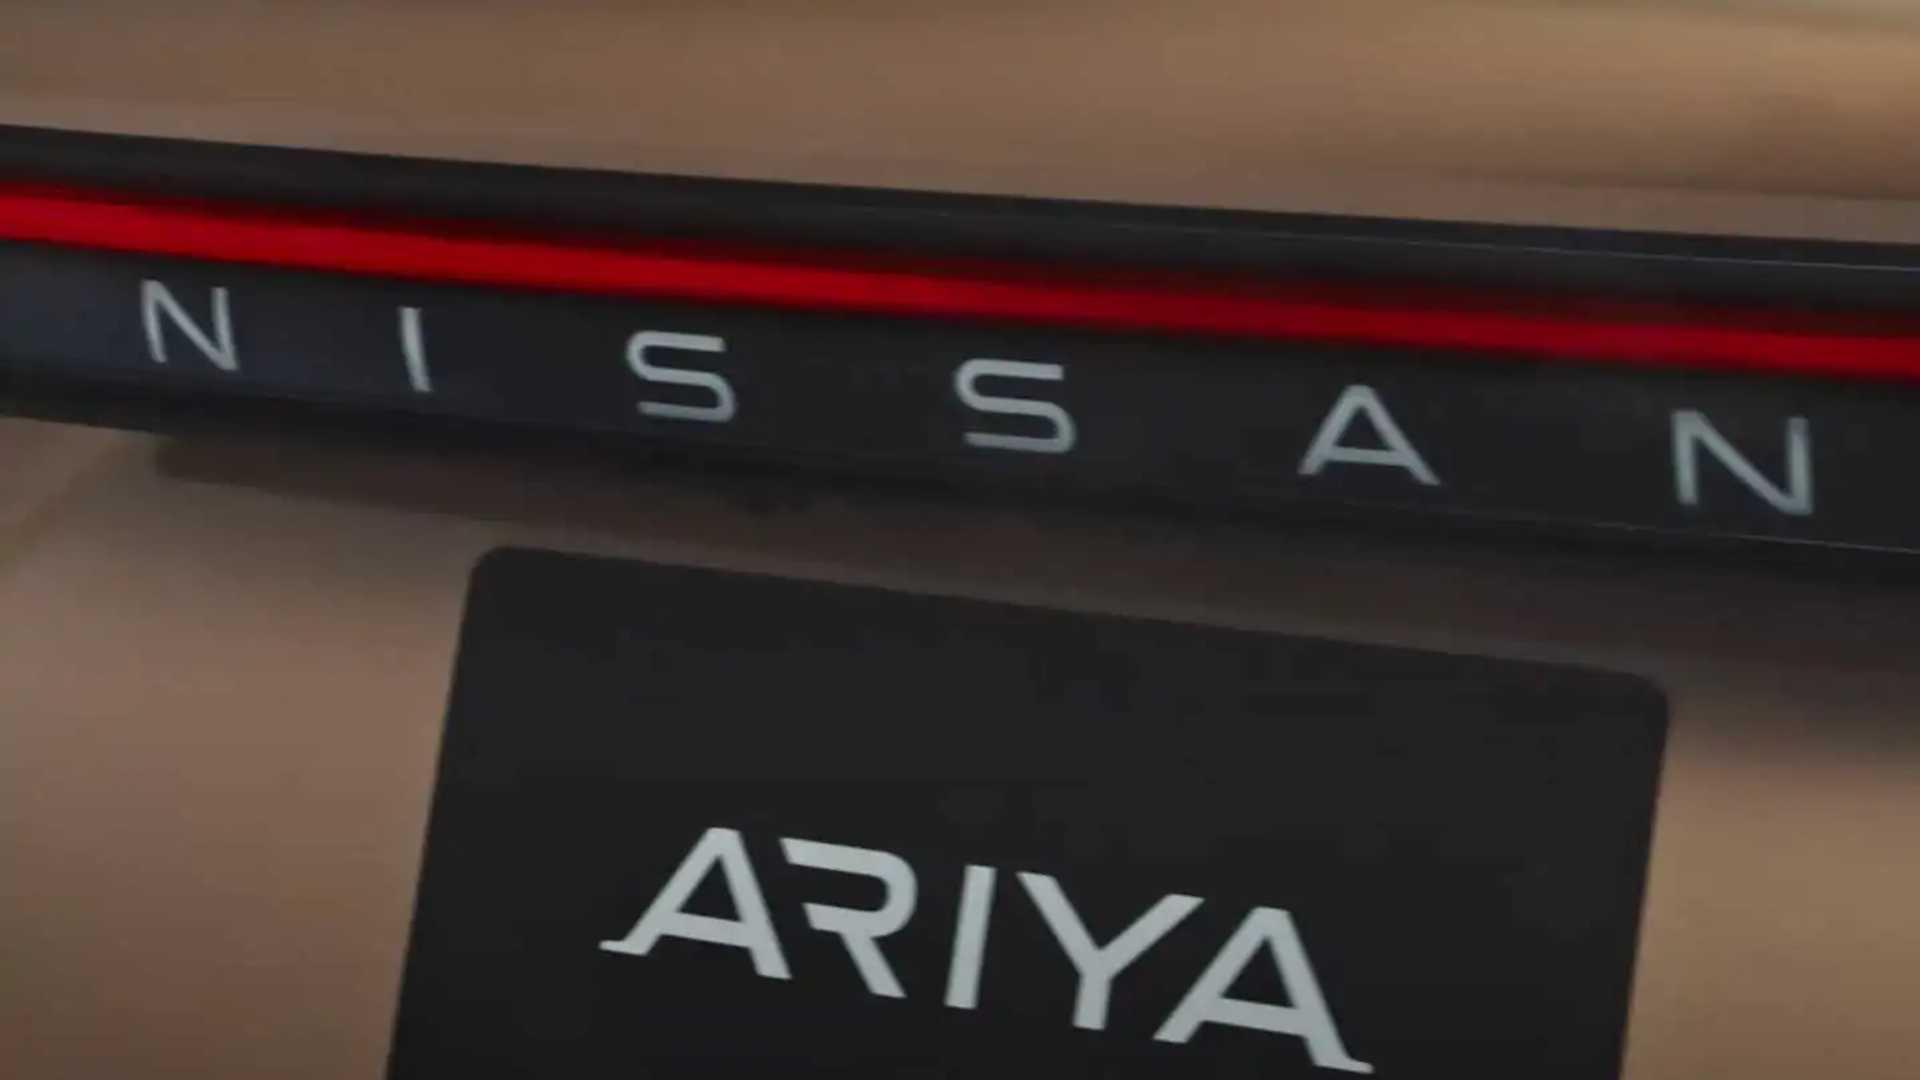 2020 - [Nissan] Ariya [PZ1A] - Page 2 Nissan-ariya-latest-teaser-screenshots